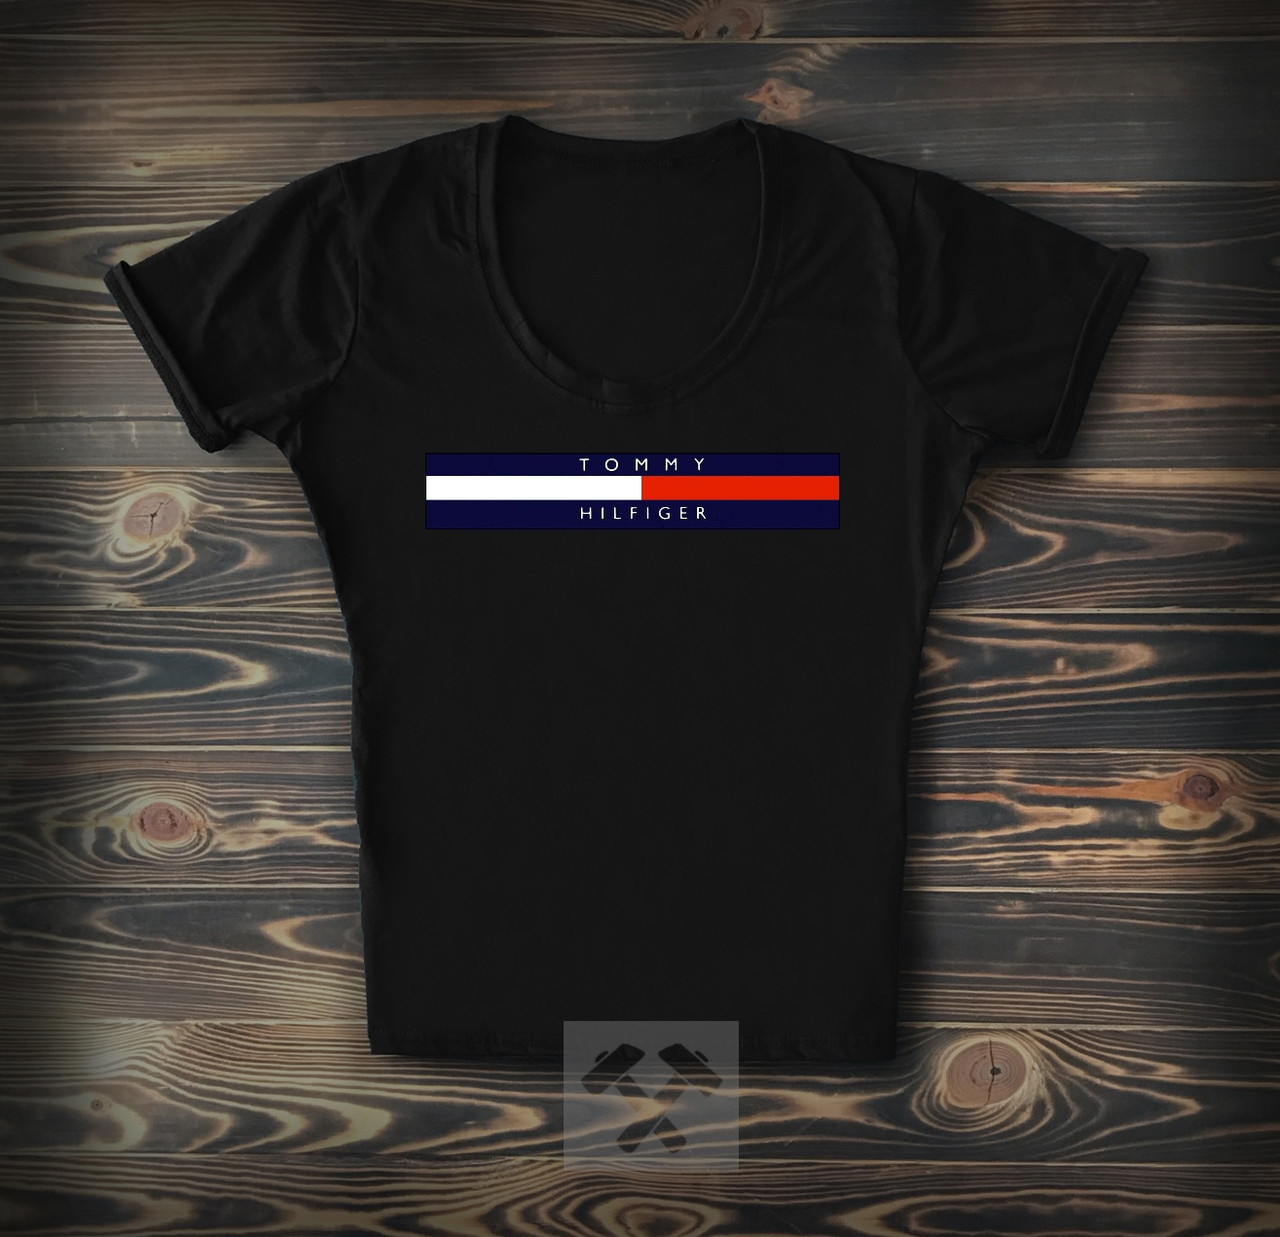 Жіноча футболка коттоновая Hilfiger чорного кольору топ-репліка